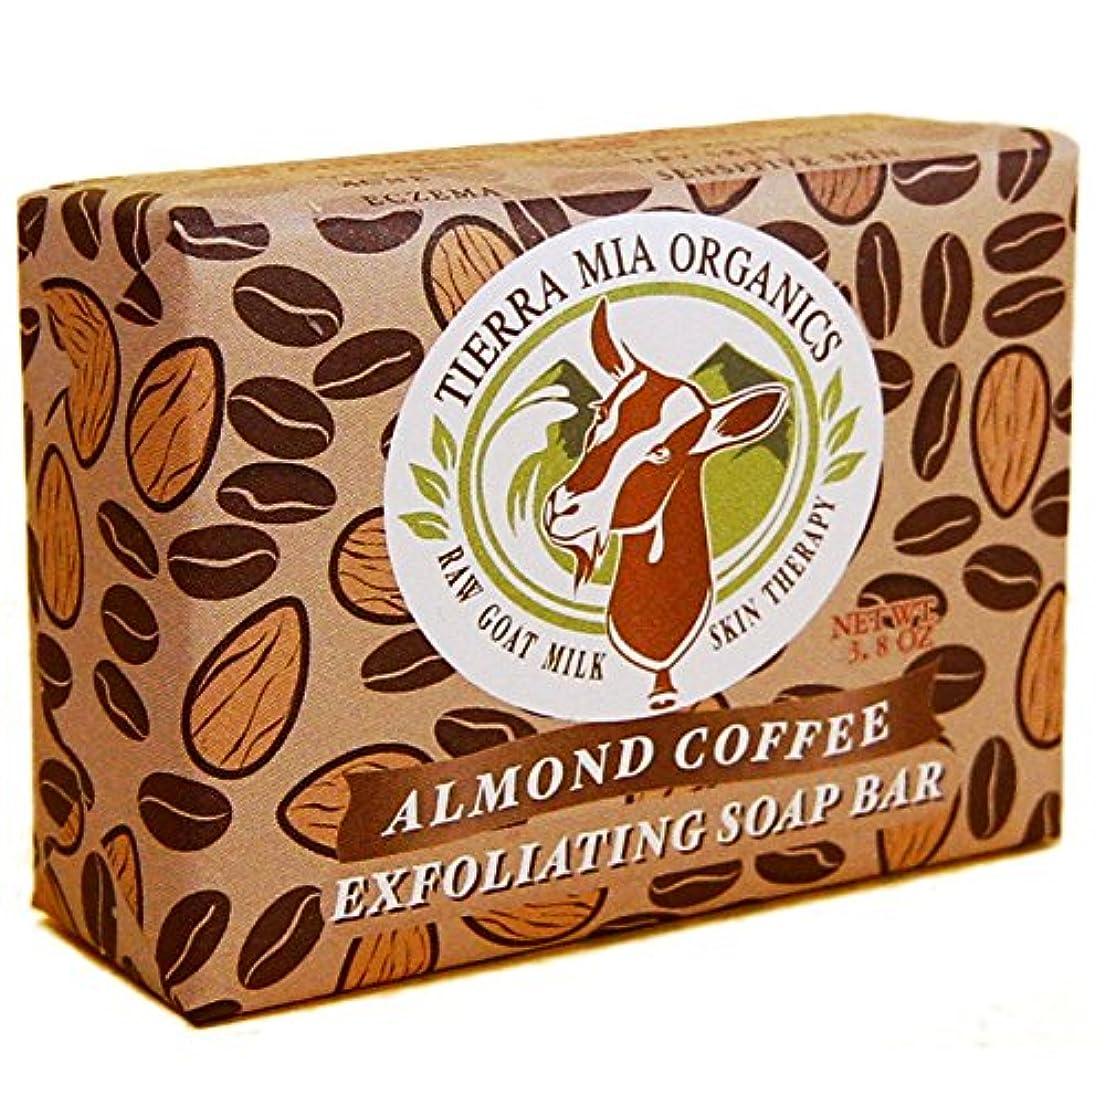 ボーカル適応セラフTierra Mia Organics, Raw Goat Milk Skin Therapy, Exfoliating Soap Bar, Almond Coffee, 3.8 oz